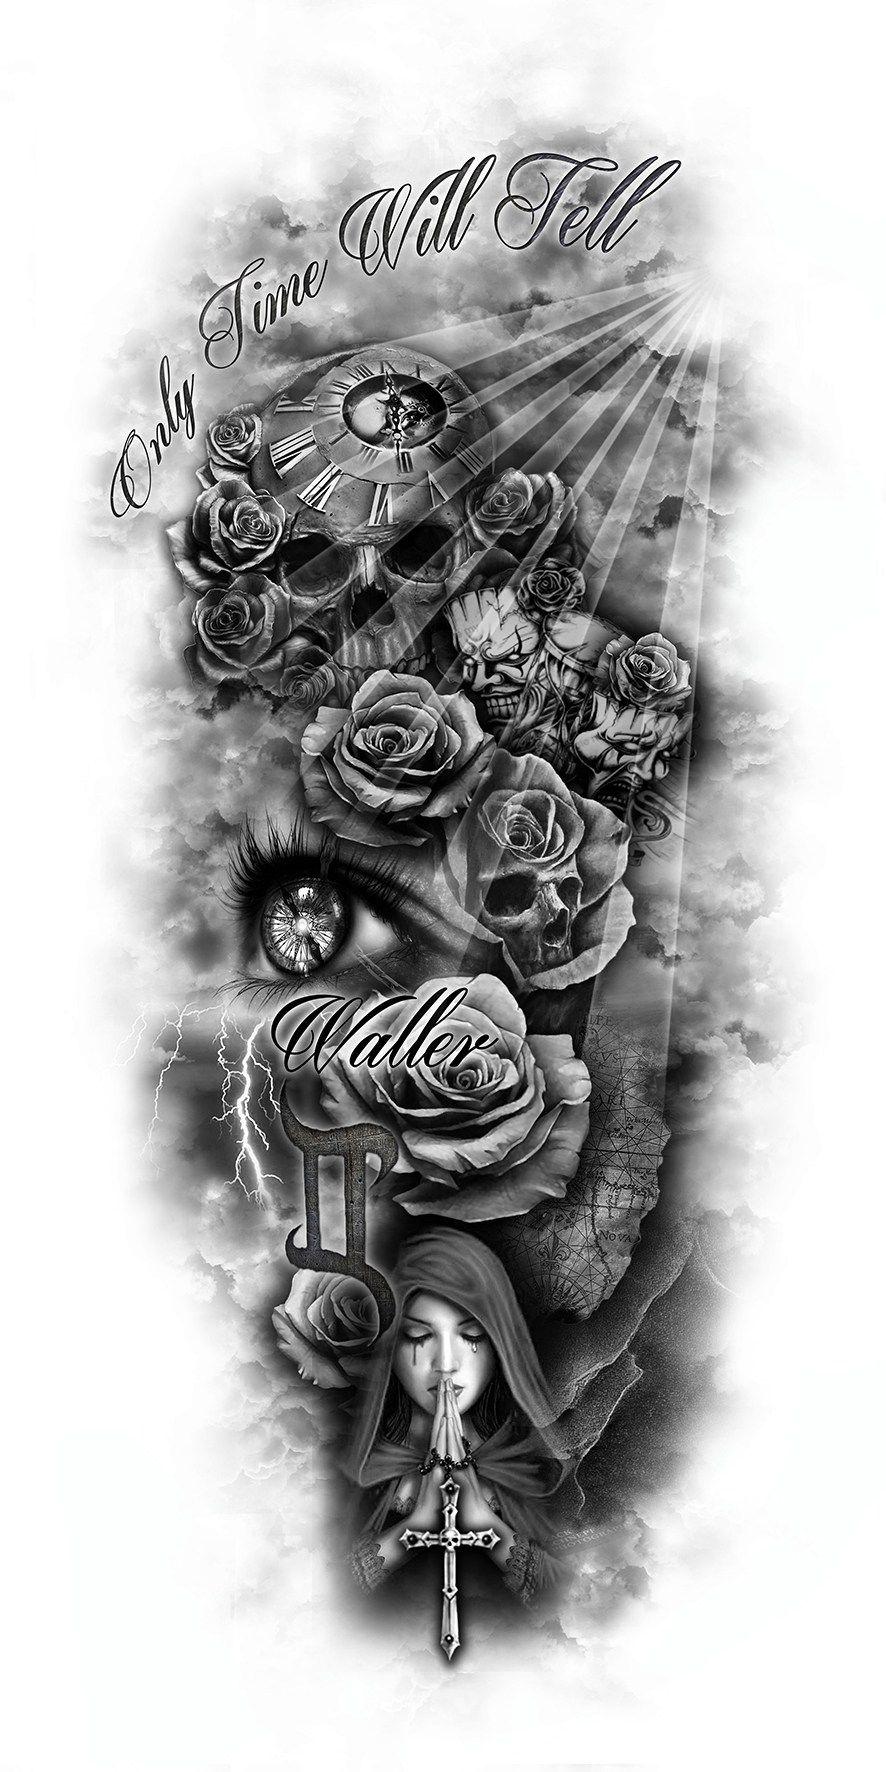 Columbus Custom Tattoo Designs: Tatueringsdesigner, Döskalletatueringar